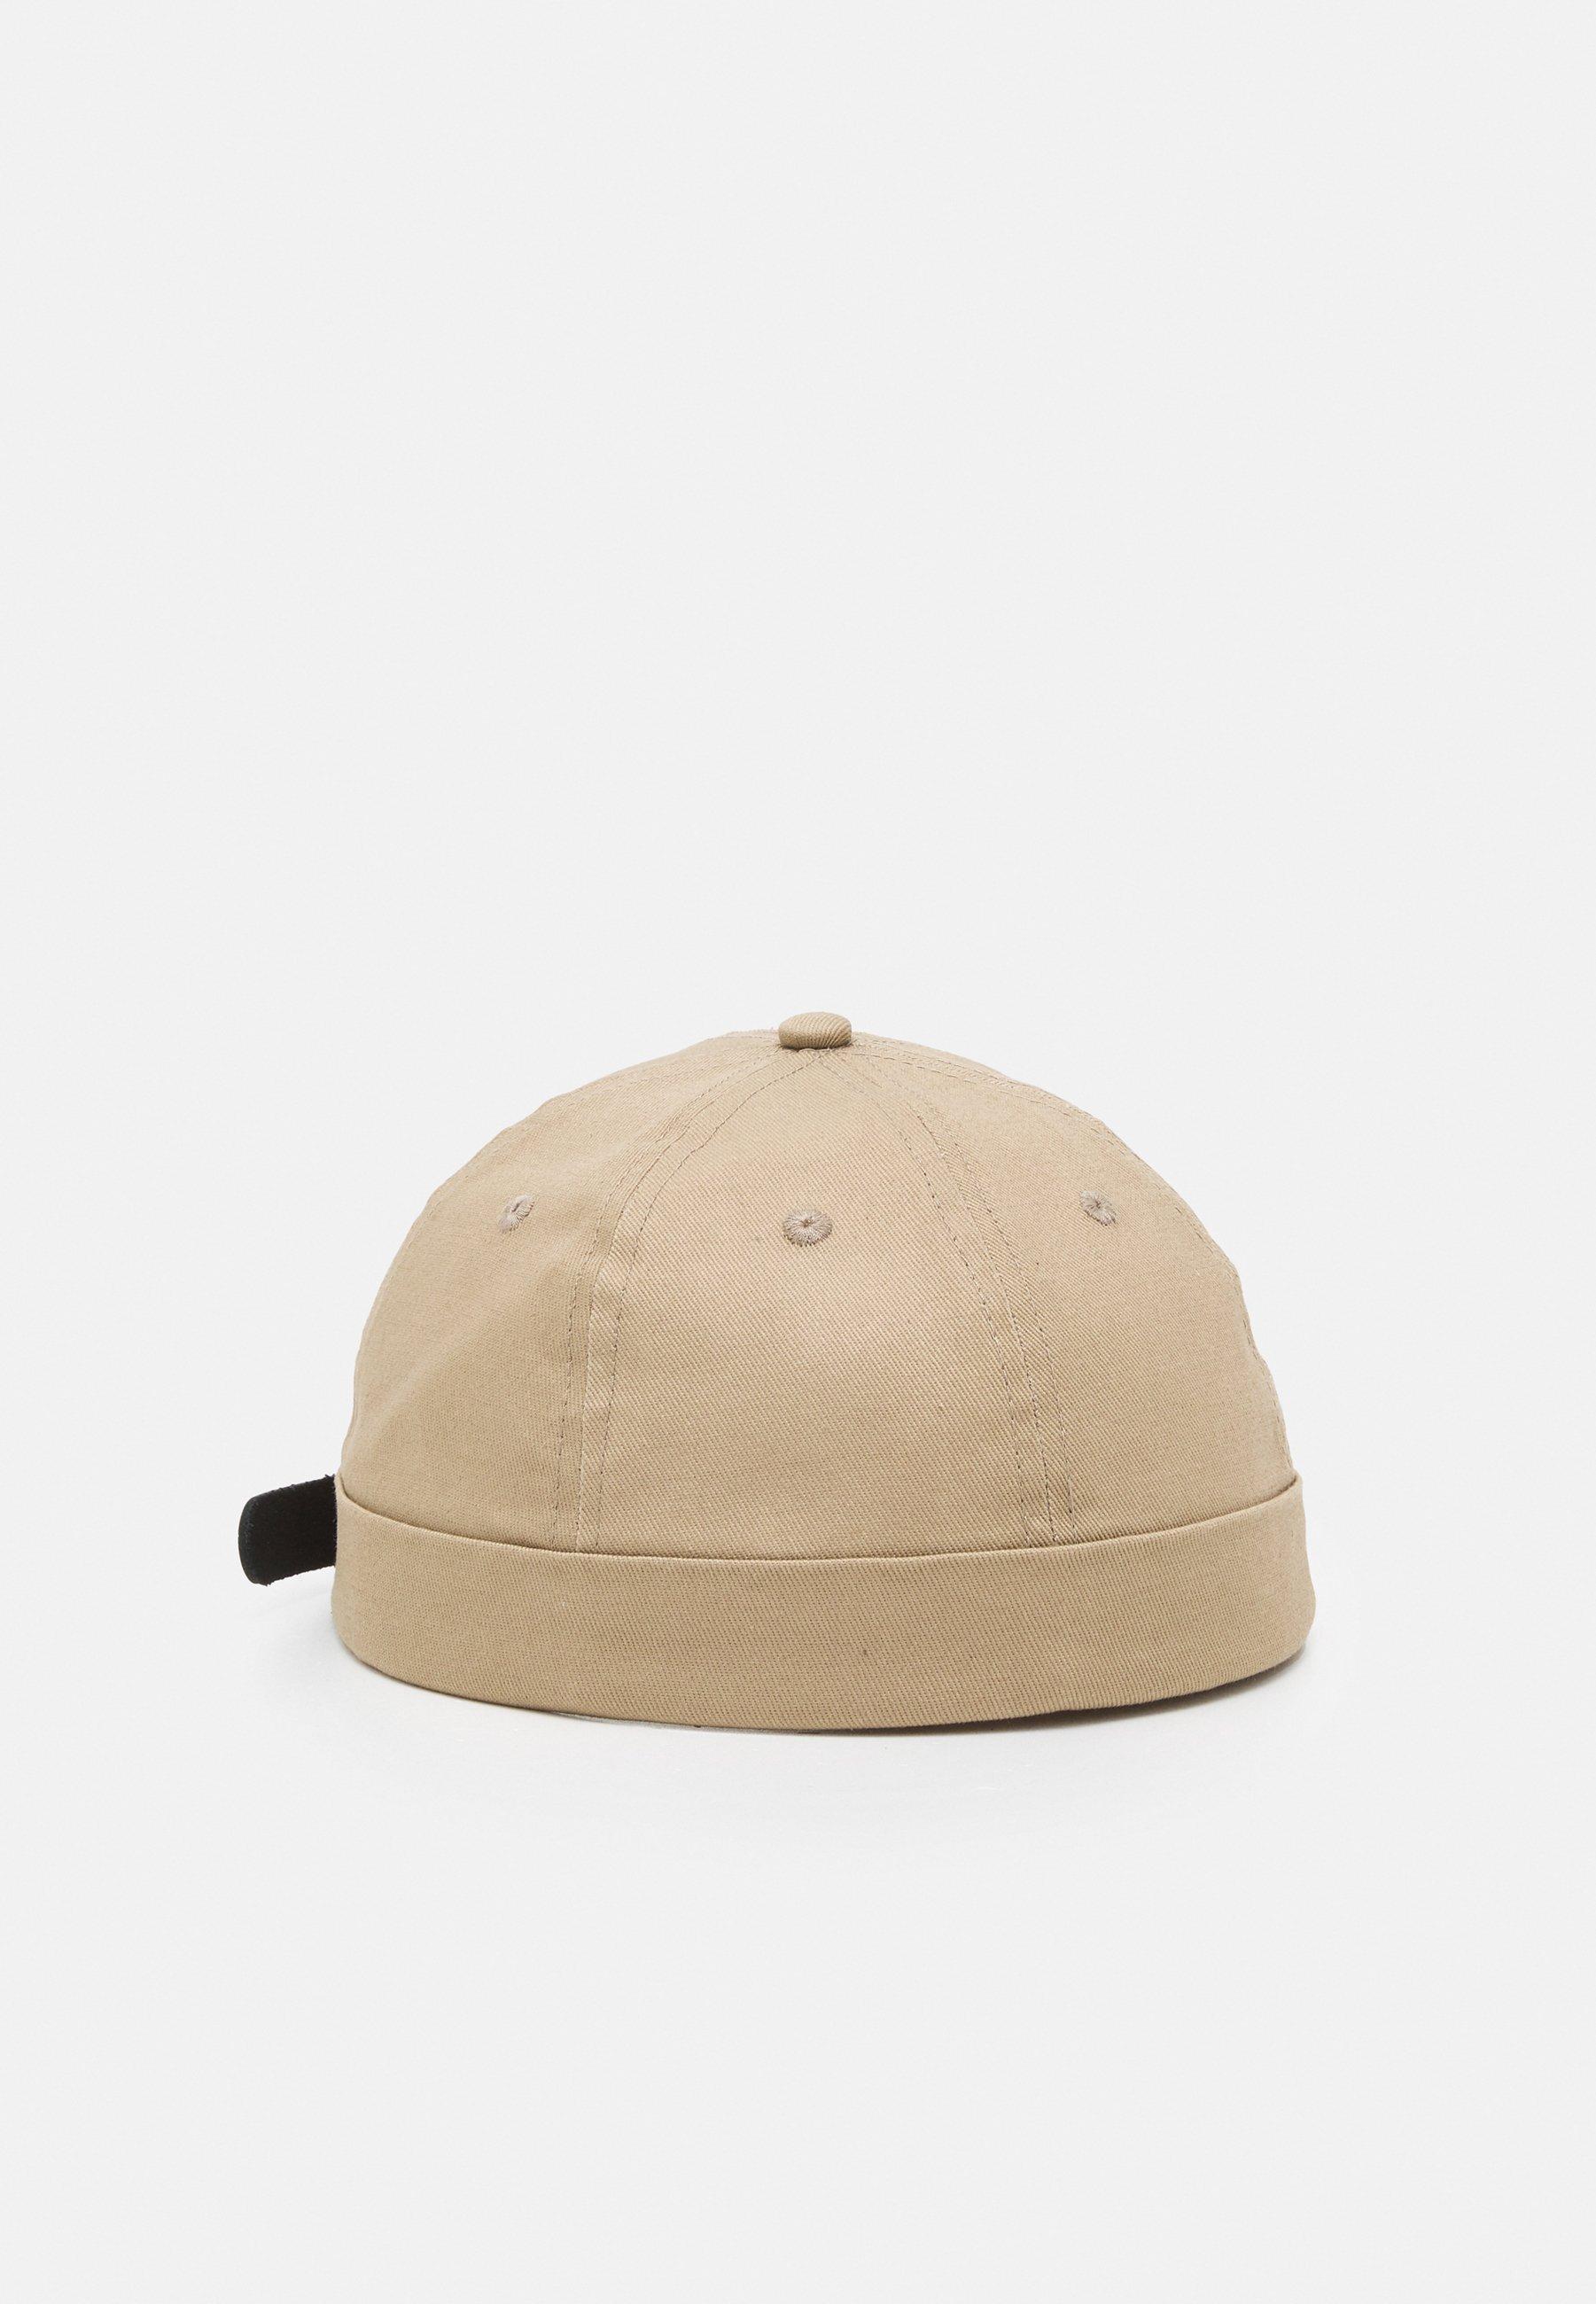 Homme JACSTEVEN ROLL HAT - Chapeau